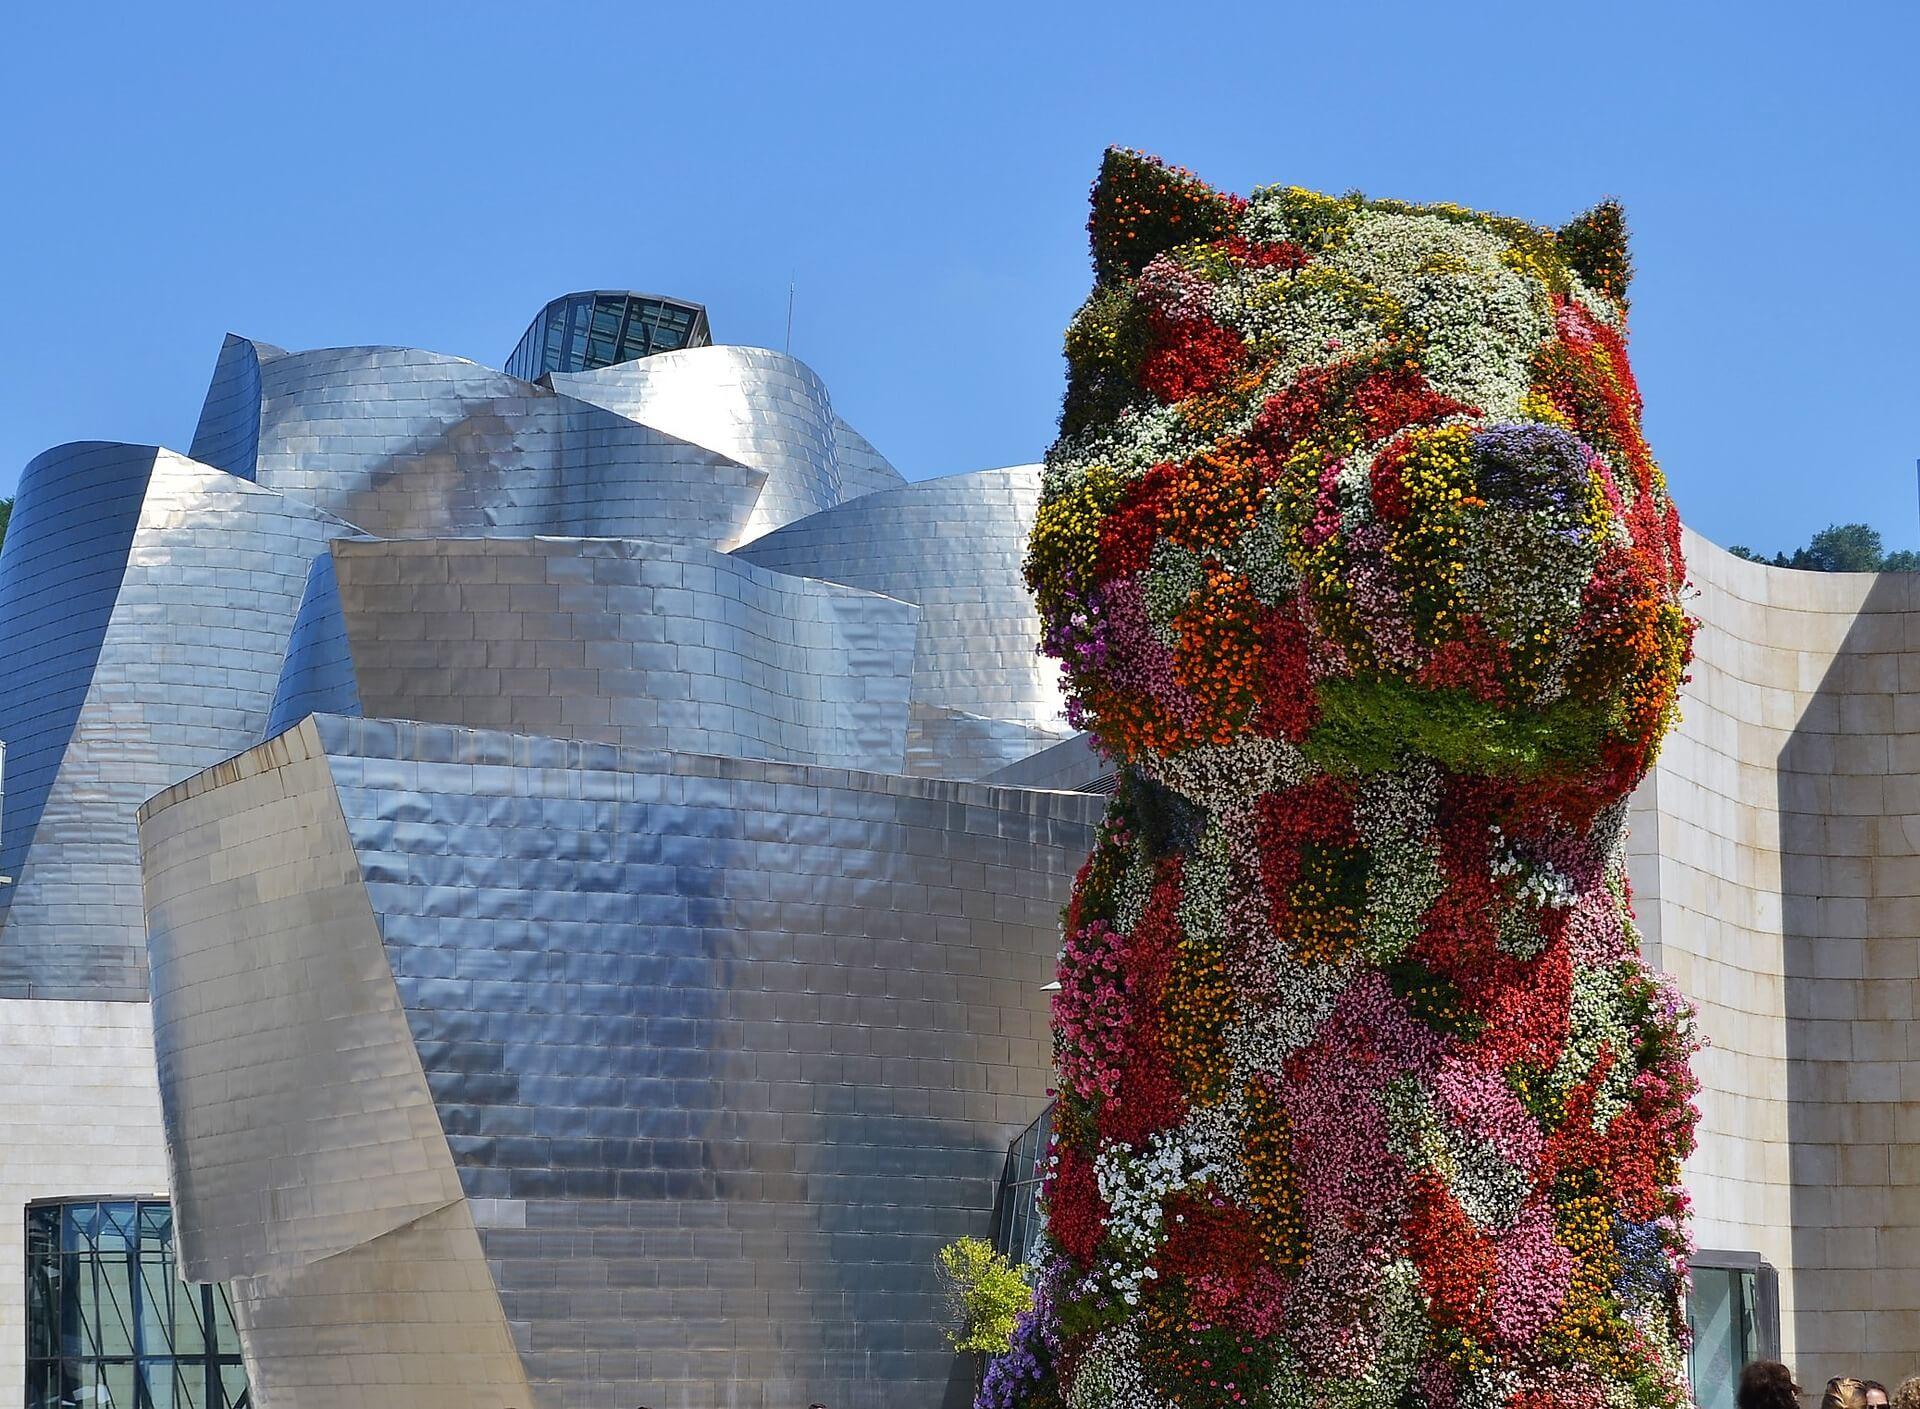 Der bepflanzte Riesenhund Puppy vor dem Guggenheim-Museum in Bilbao